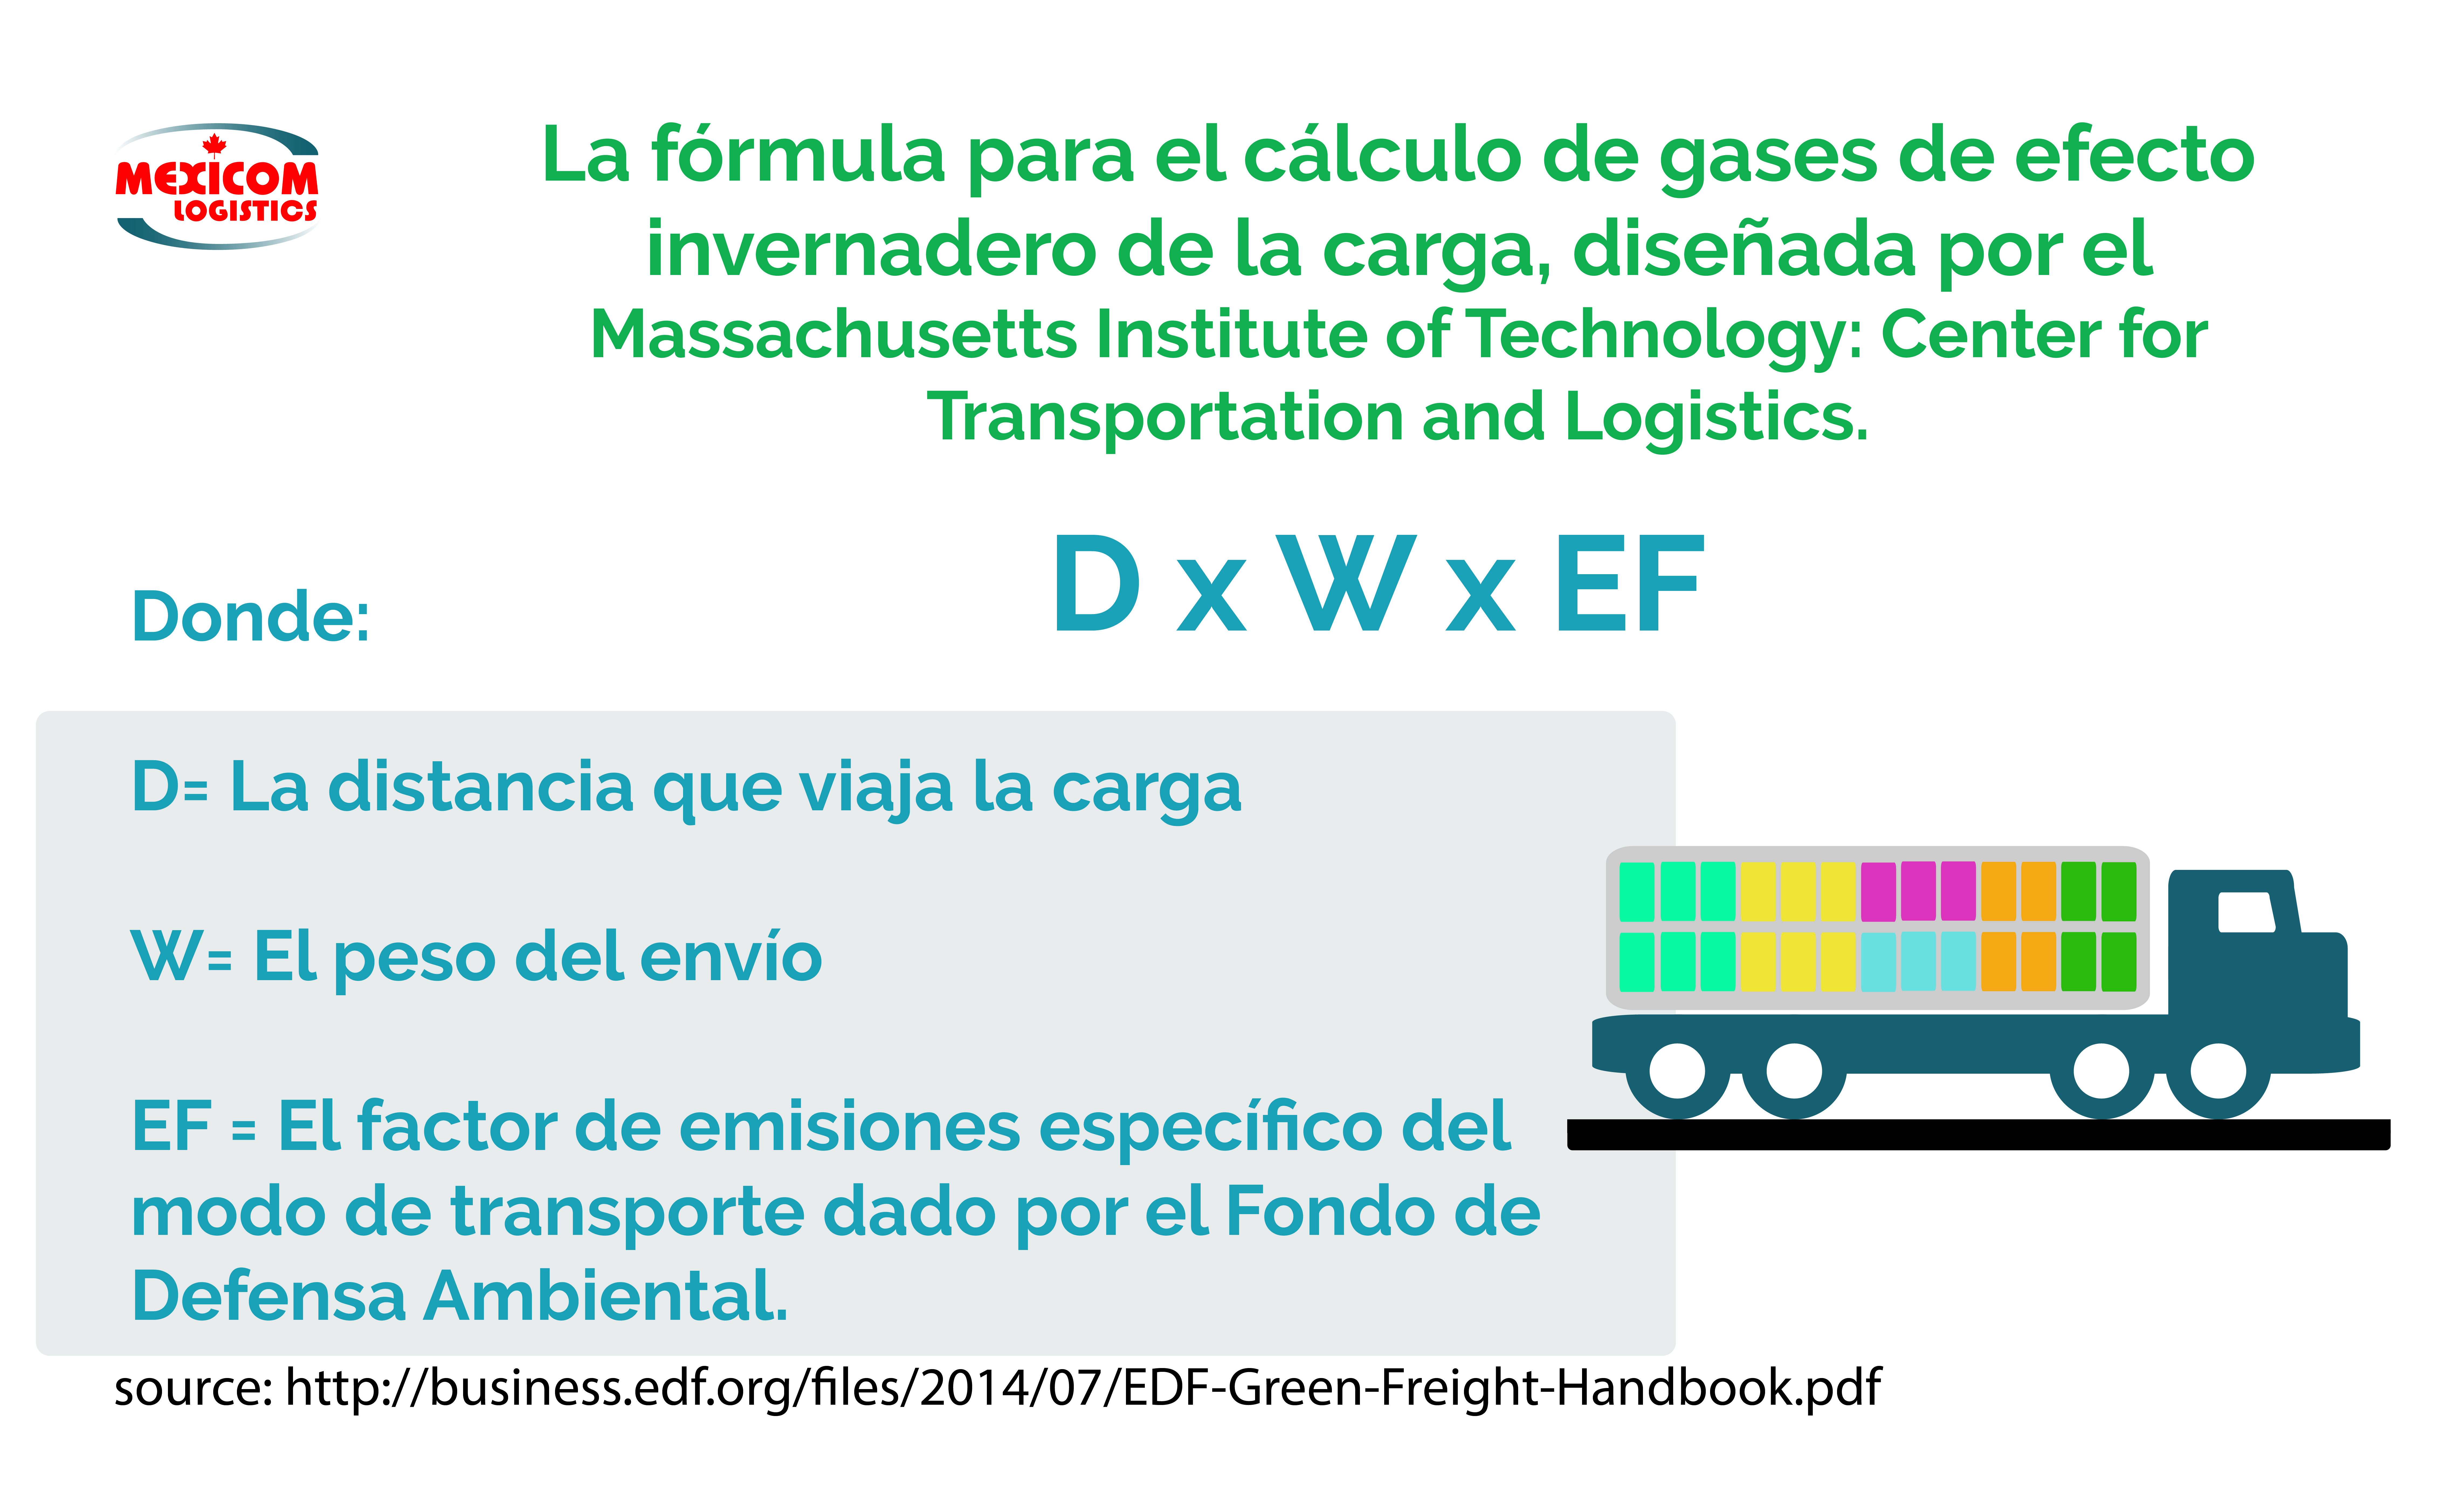 Formula para el calculo de emisiones de efecto invernadero del transporte de carga